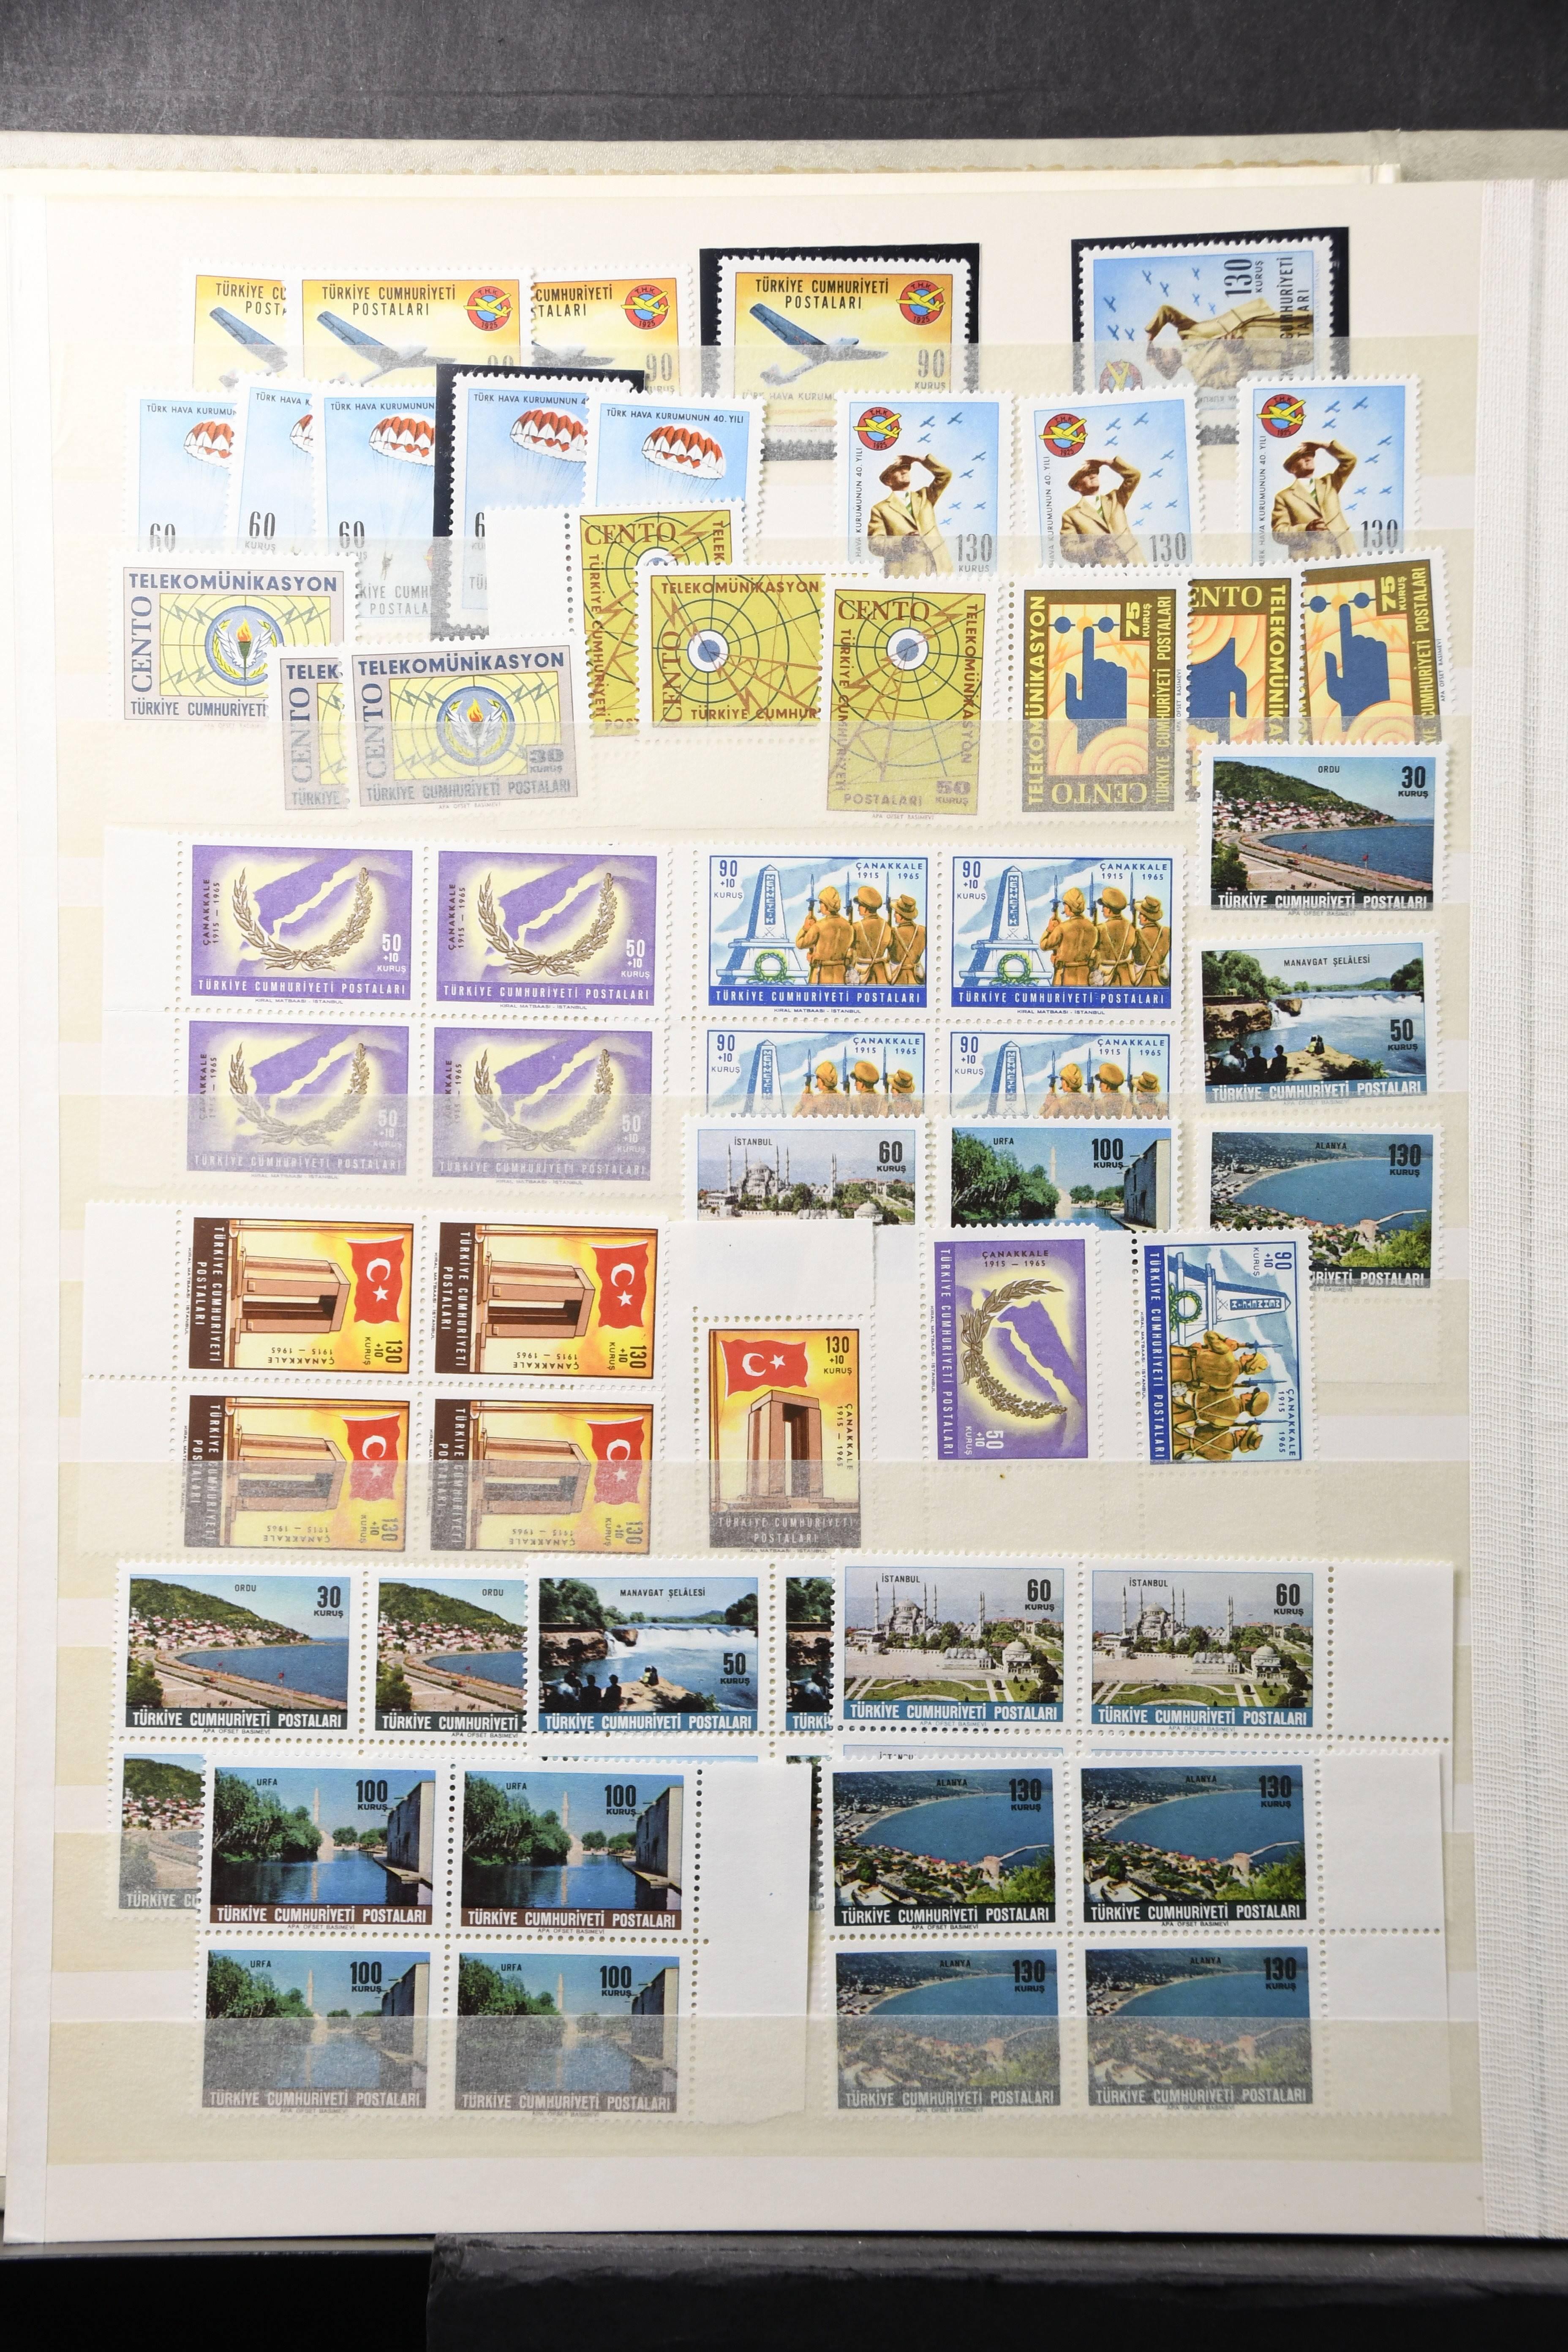 Lot 6082 - Nachlässe, Kartonabteilung S -  Auktionshaus Ulrich Felzmann GmbH & Co. KG Auction 170 International Autumn Auction 2020 Day 5